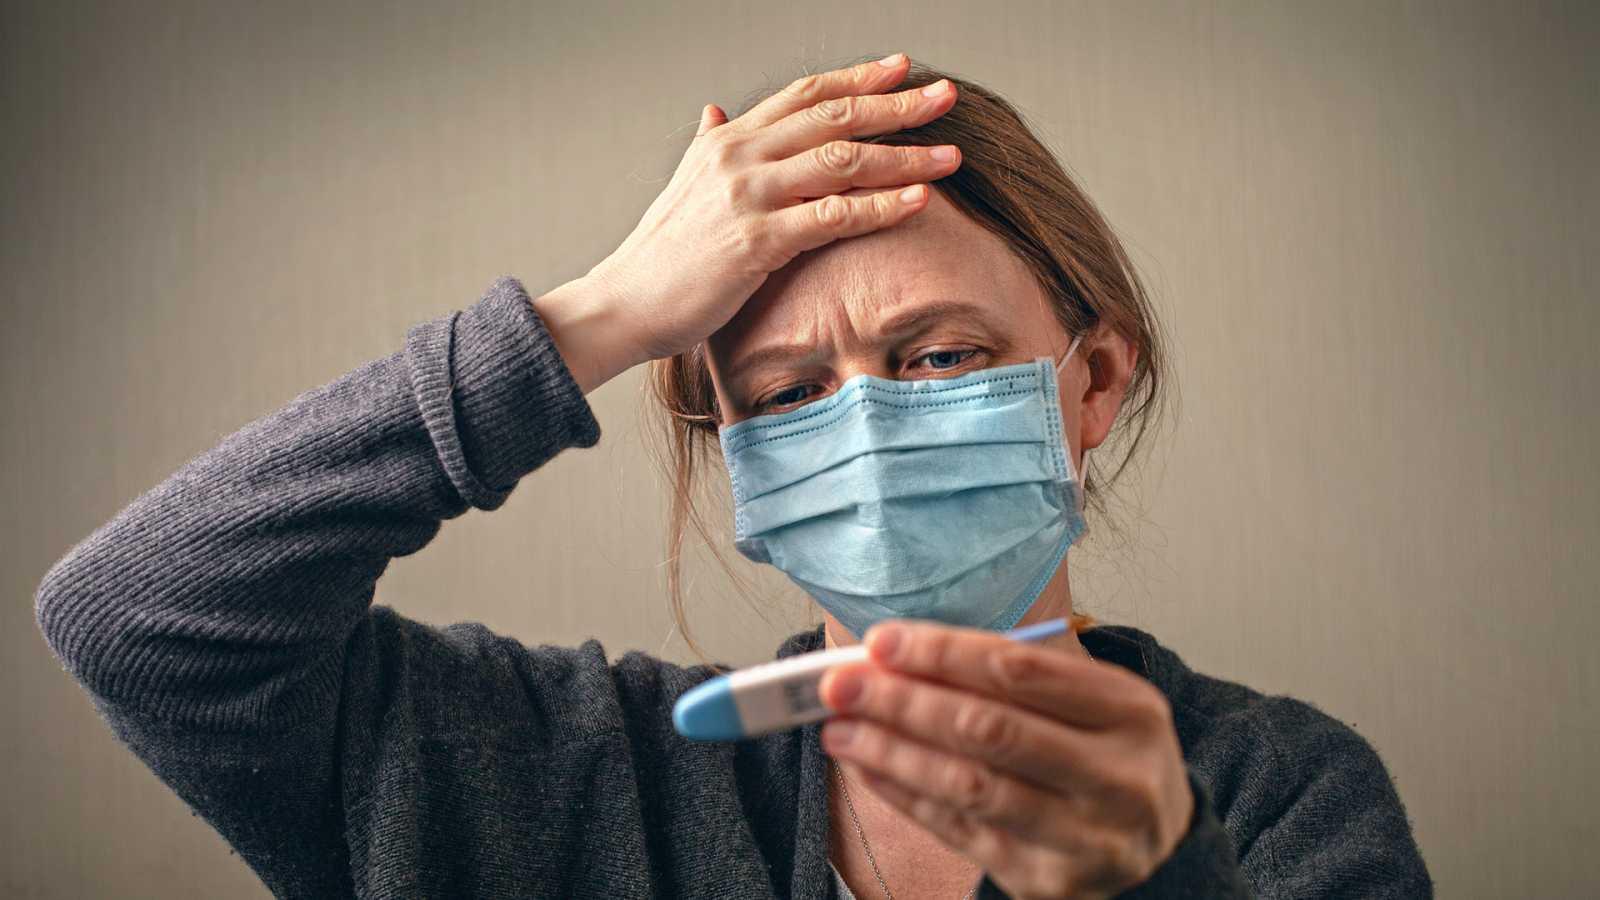 Punto de enlace - Gripe o COVID-19, ¿qué tengo doctor? - 30/11/20 - Escuchar ahora